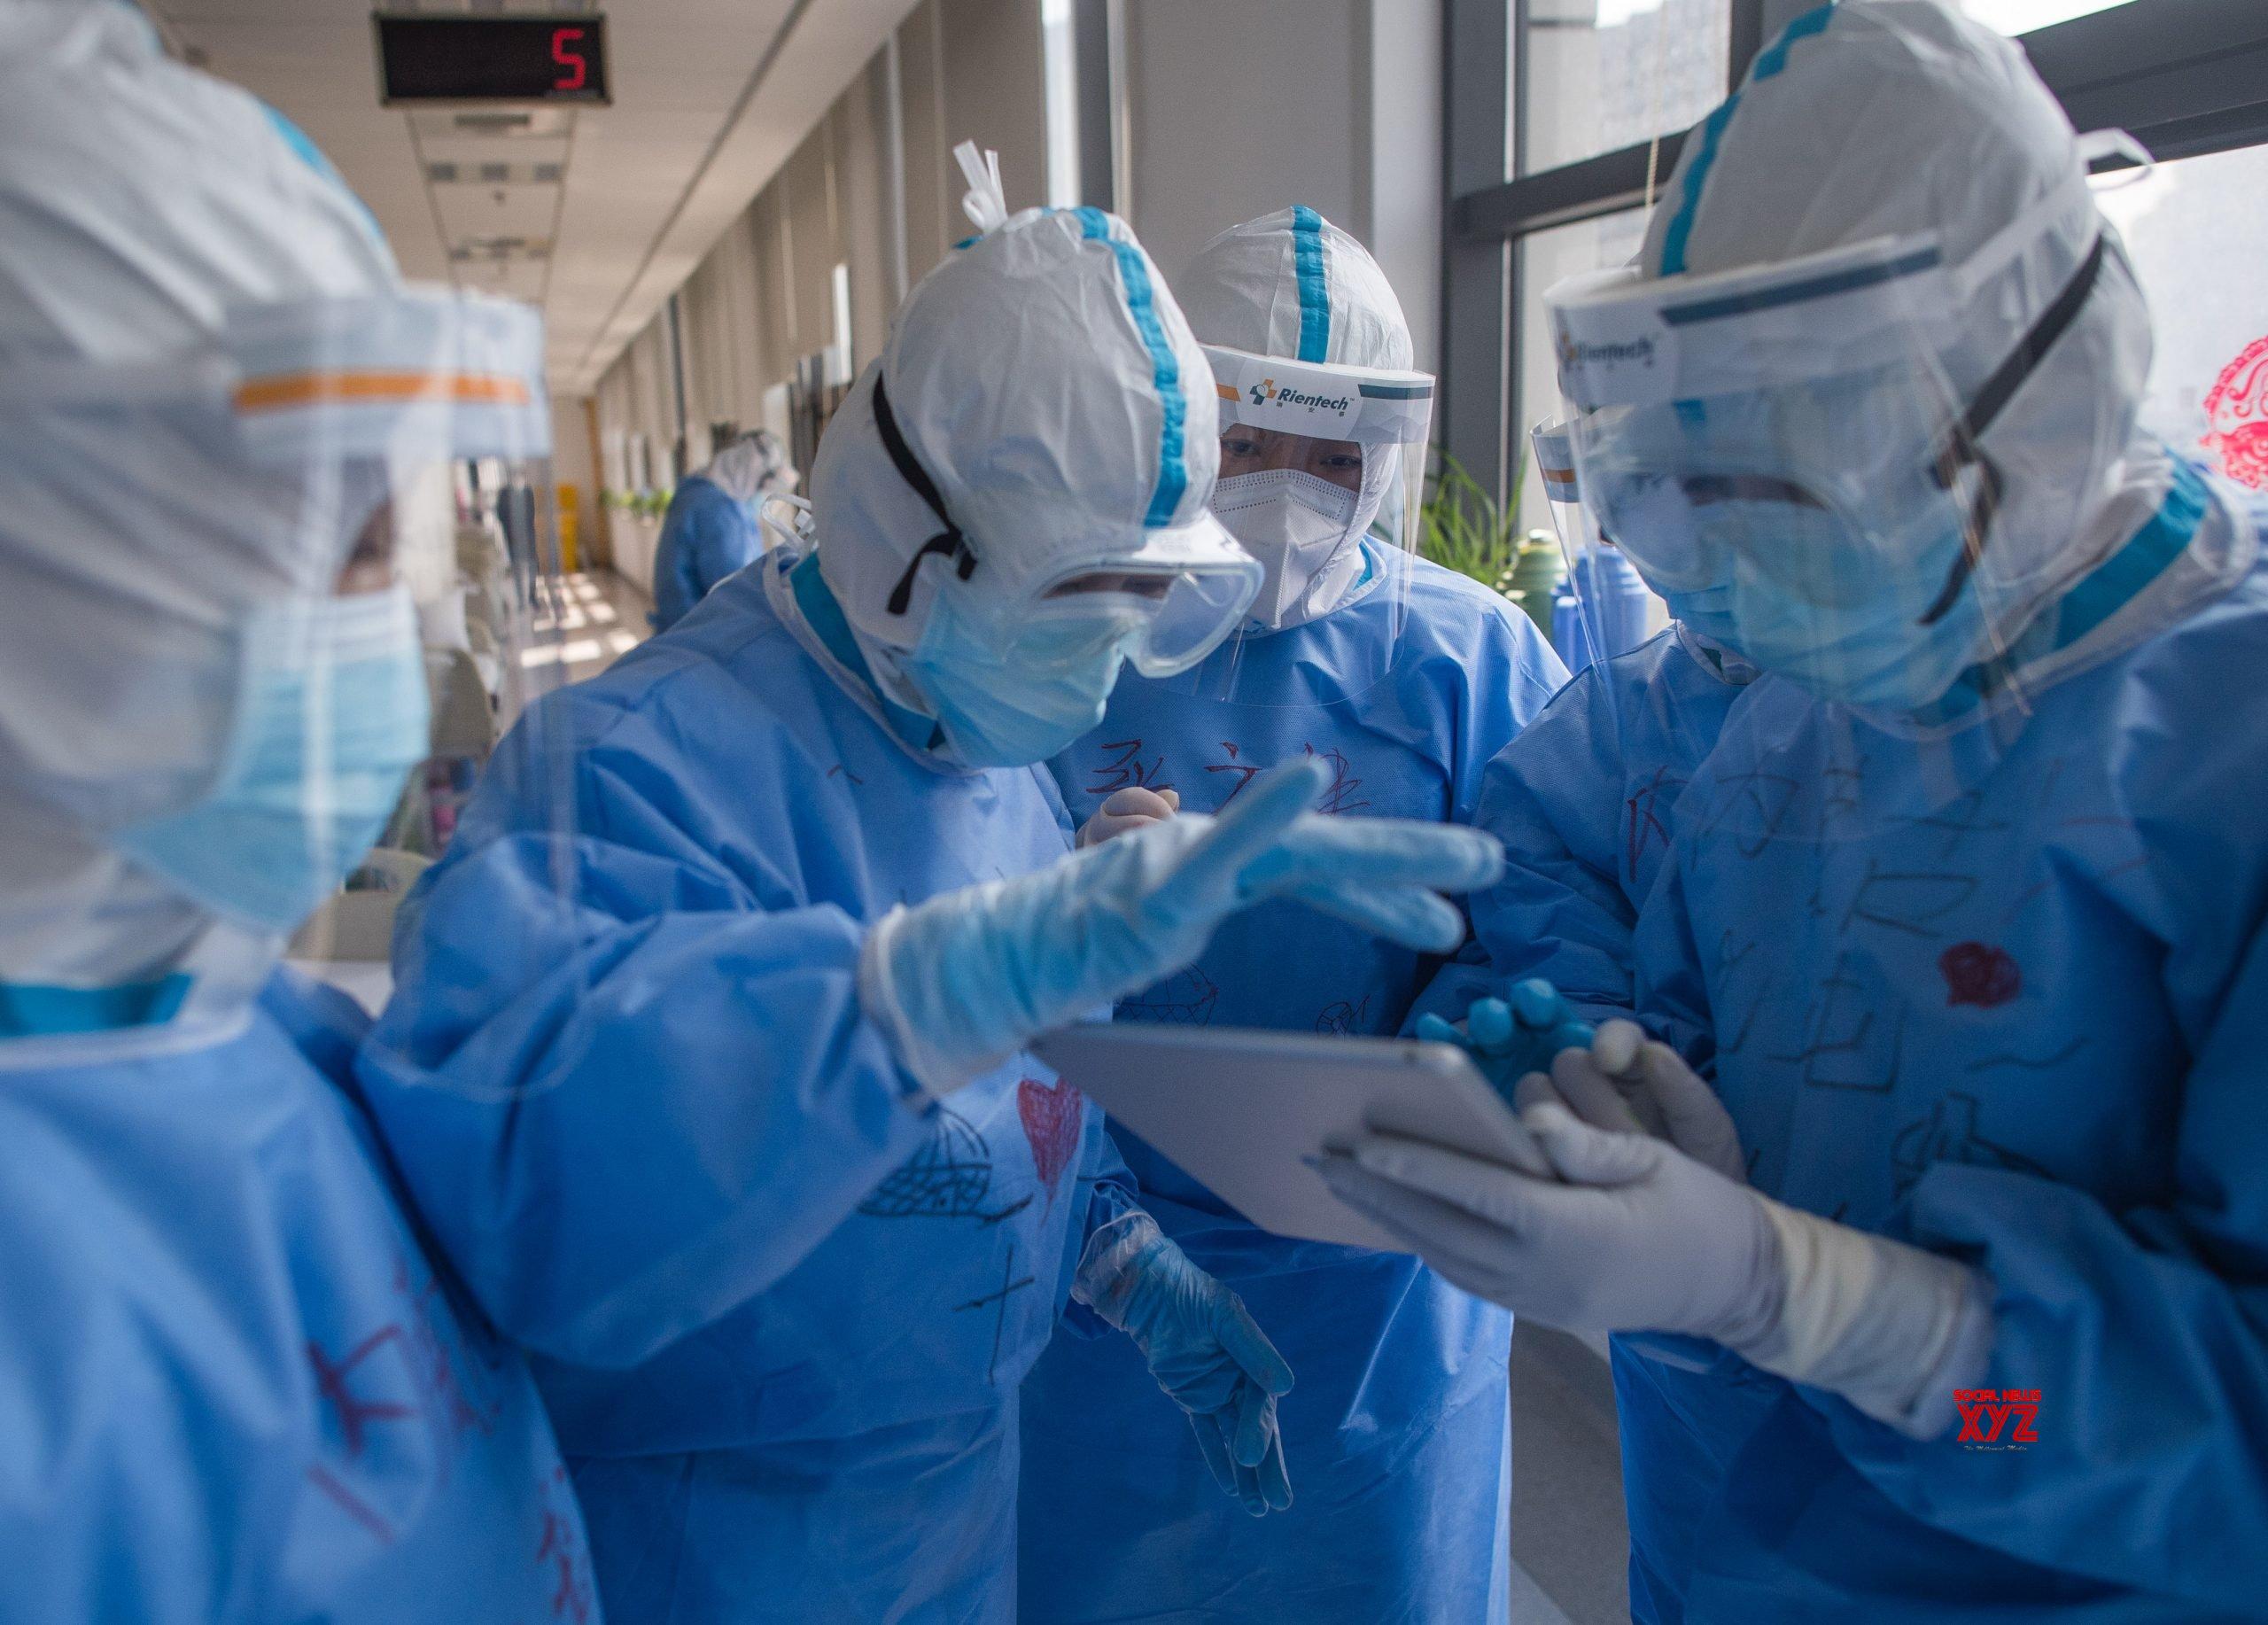 Man dies of hantavirus in China